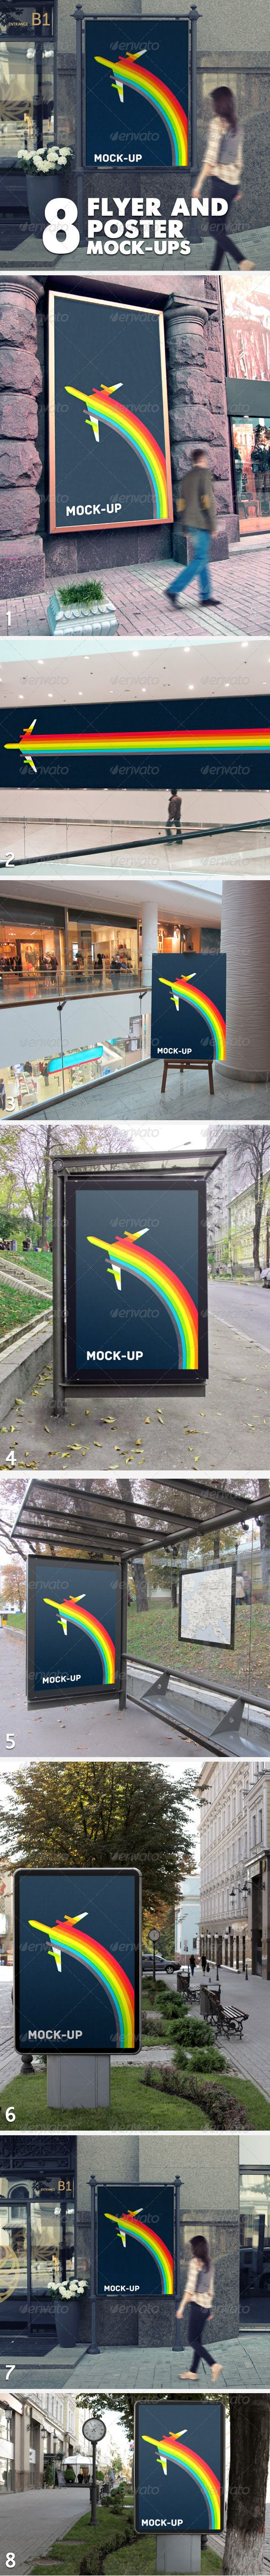 6 poster design photo mockups 57079 - Flyer And Poster Mock Ups